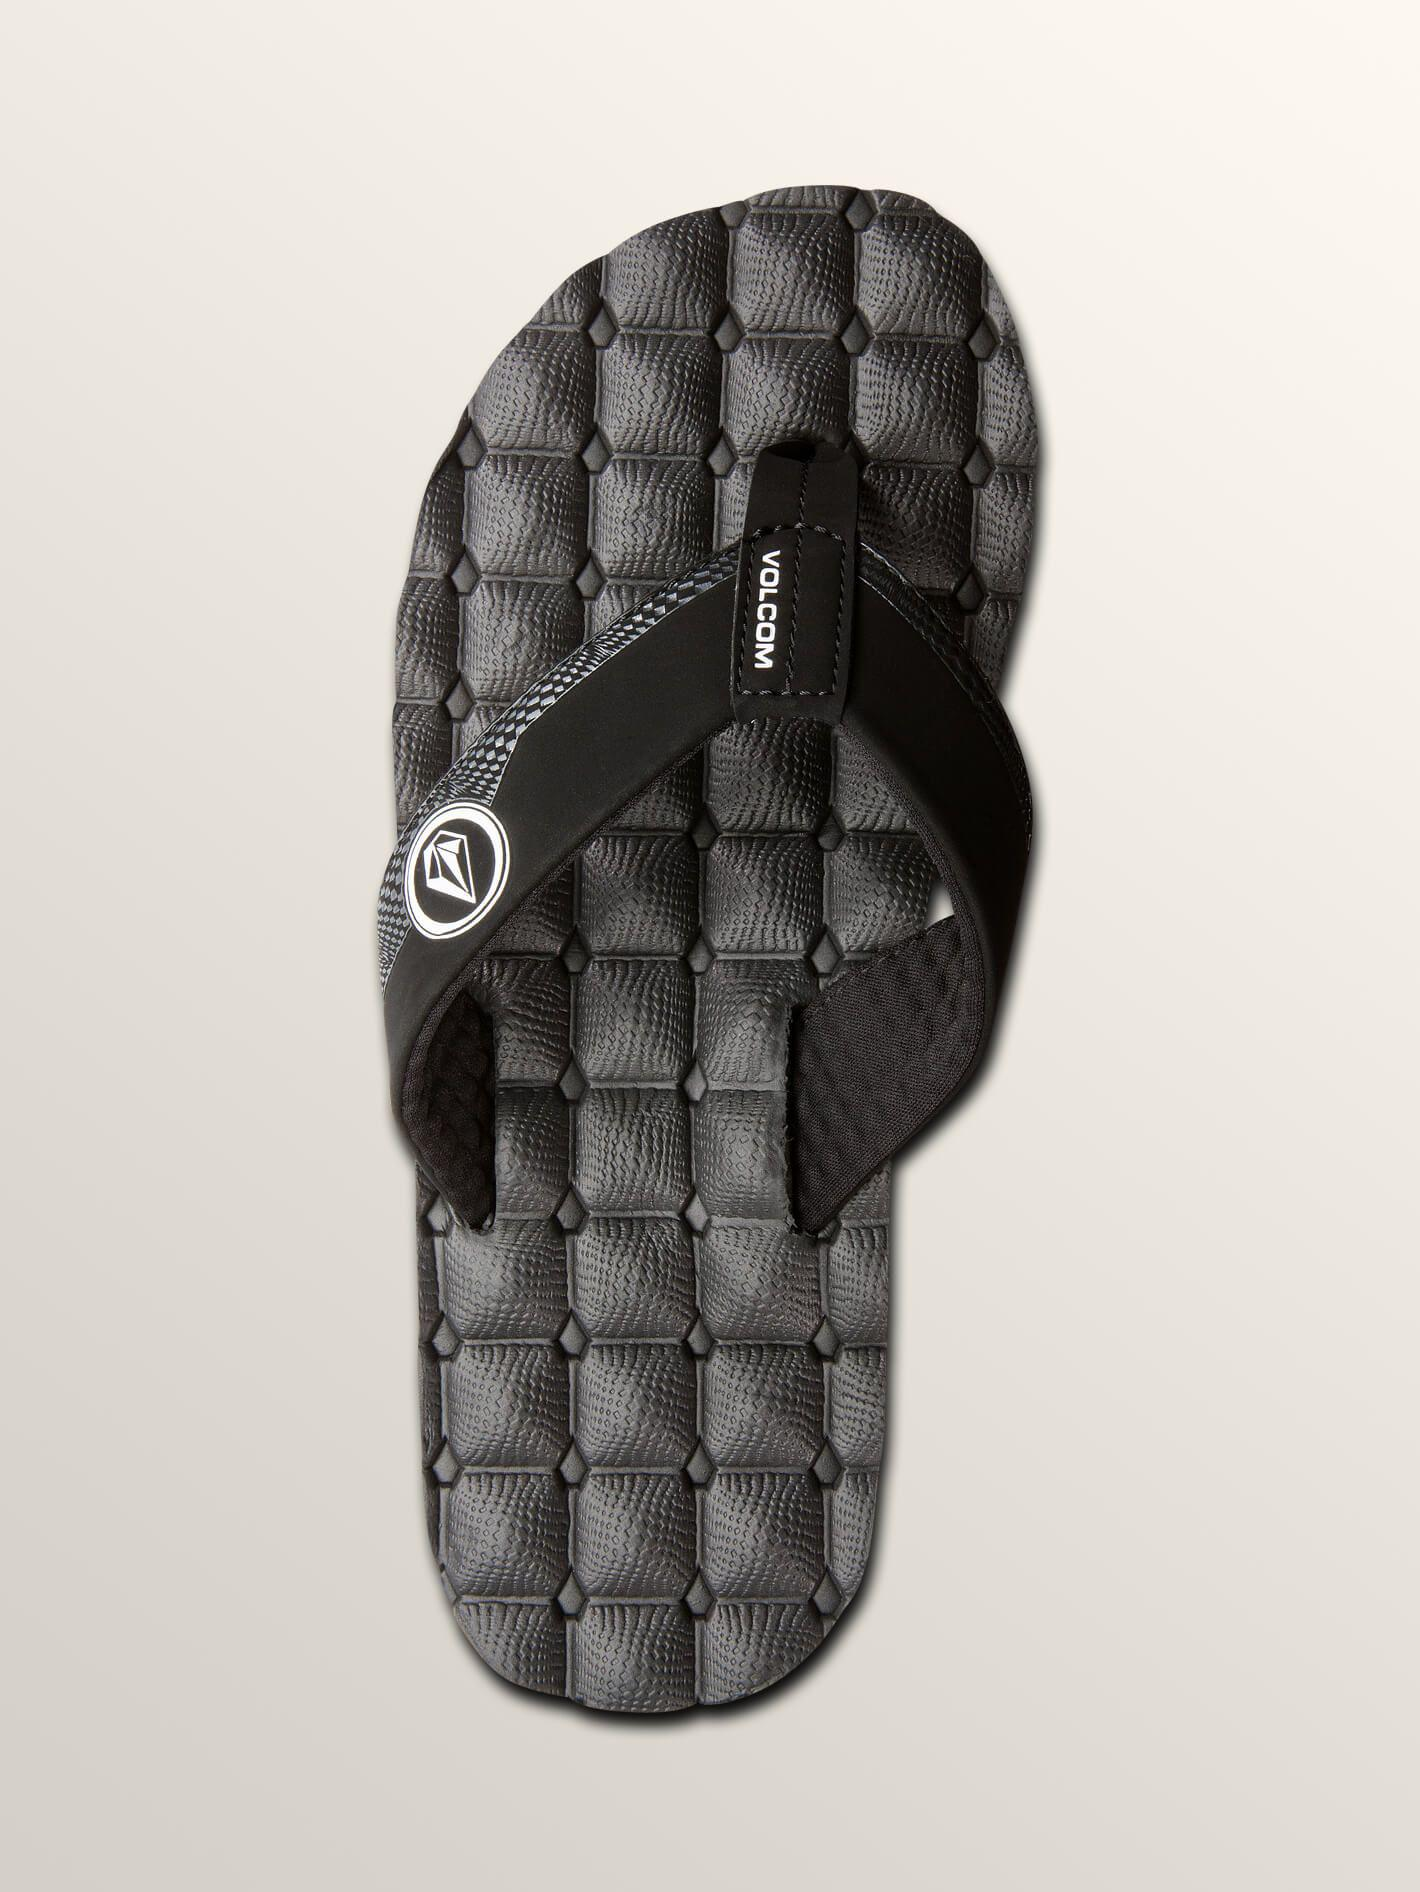 Volcom Recliner Flip Flops in Black White